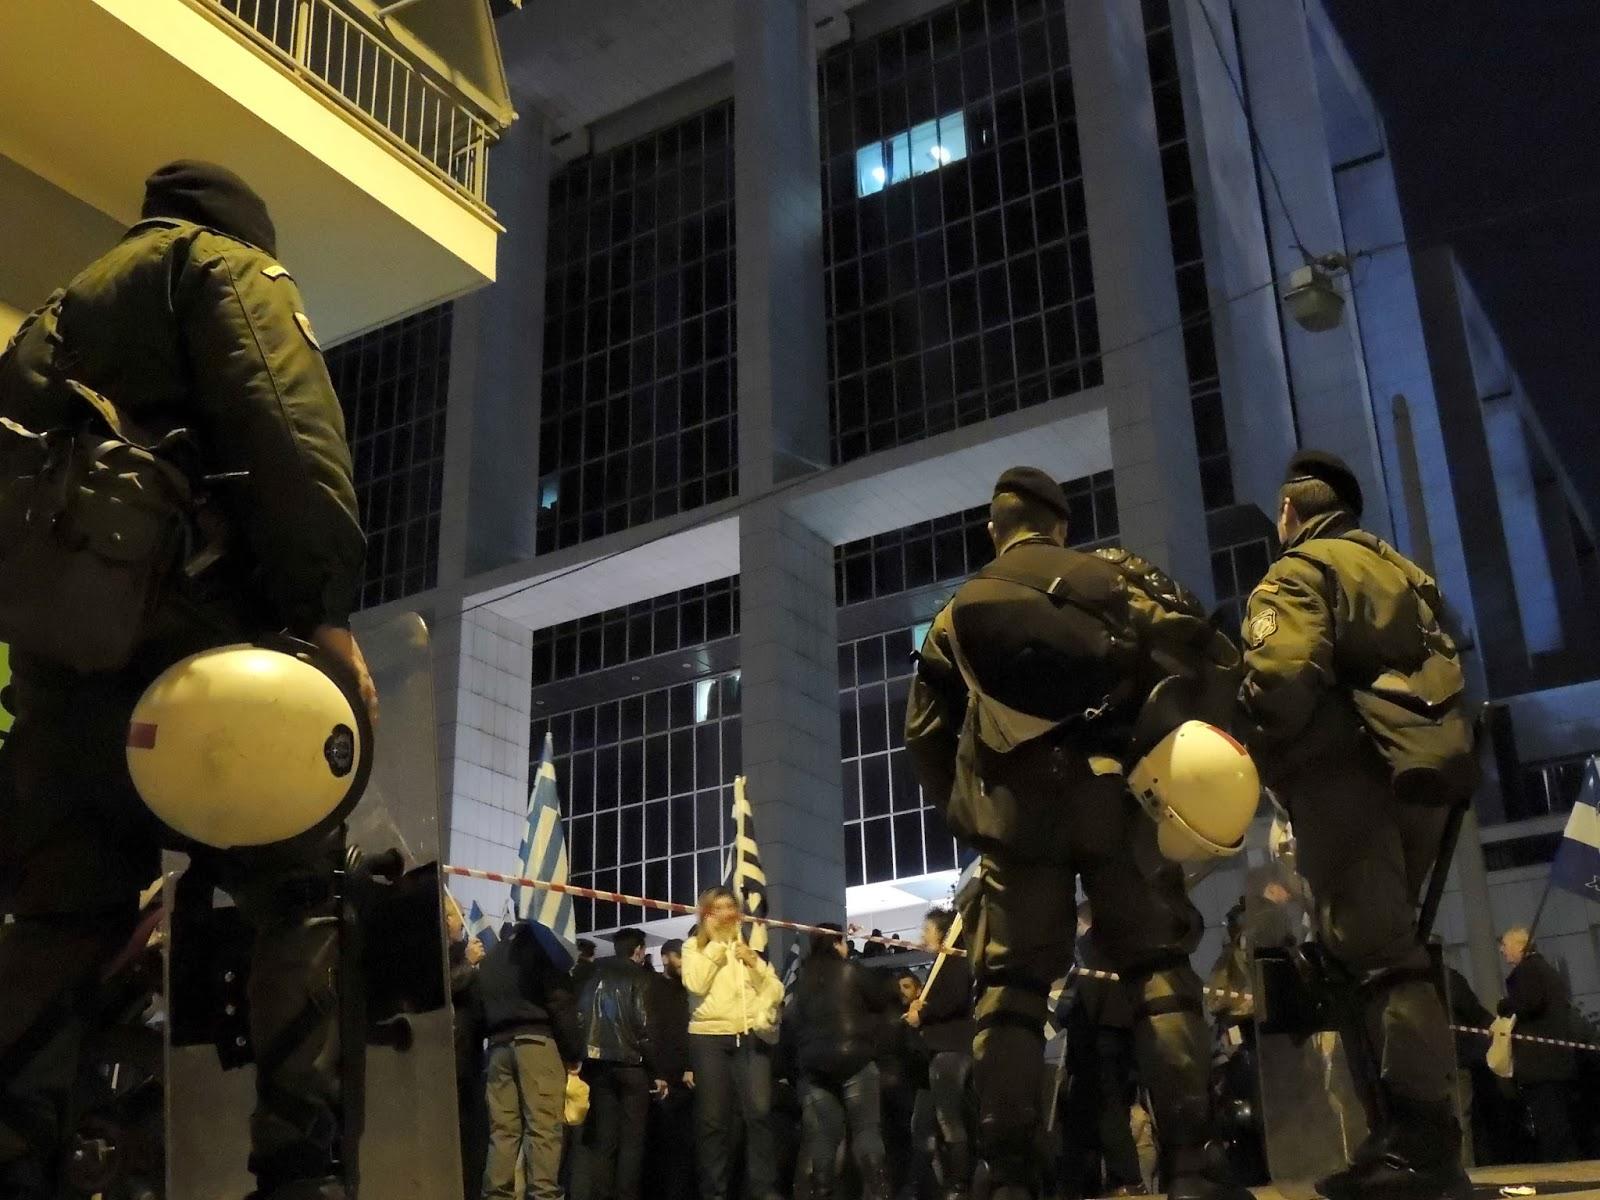 Χούντα προδοτών: Στη φυλακή οι βουλευτές της Χρυσής Αυγής για τις ιδέες τους!